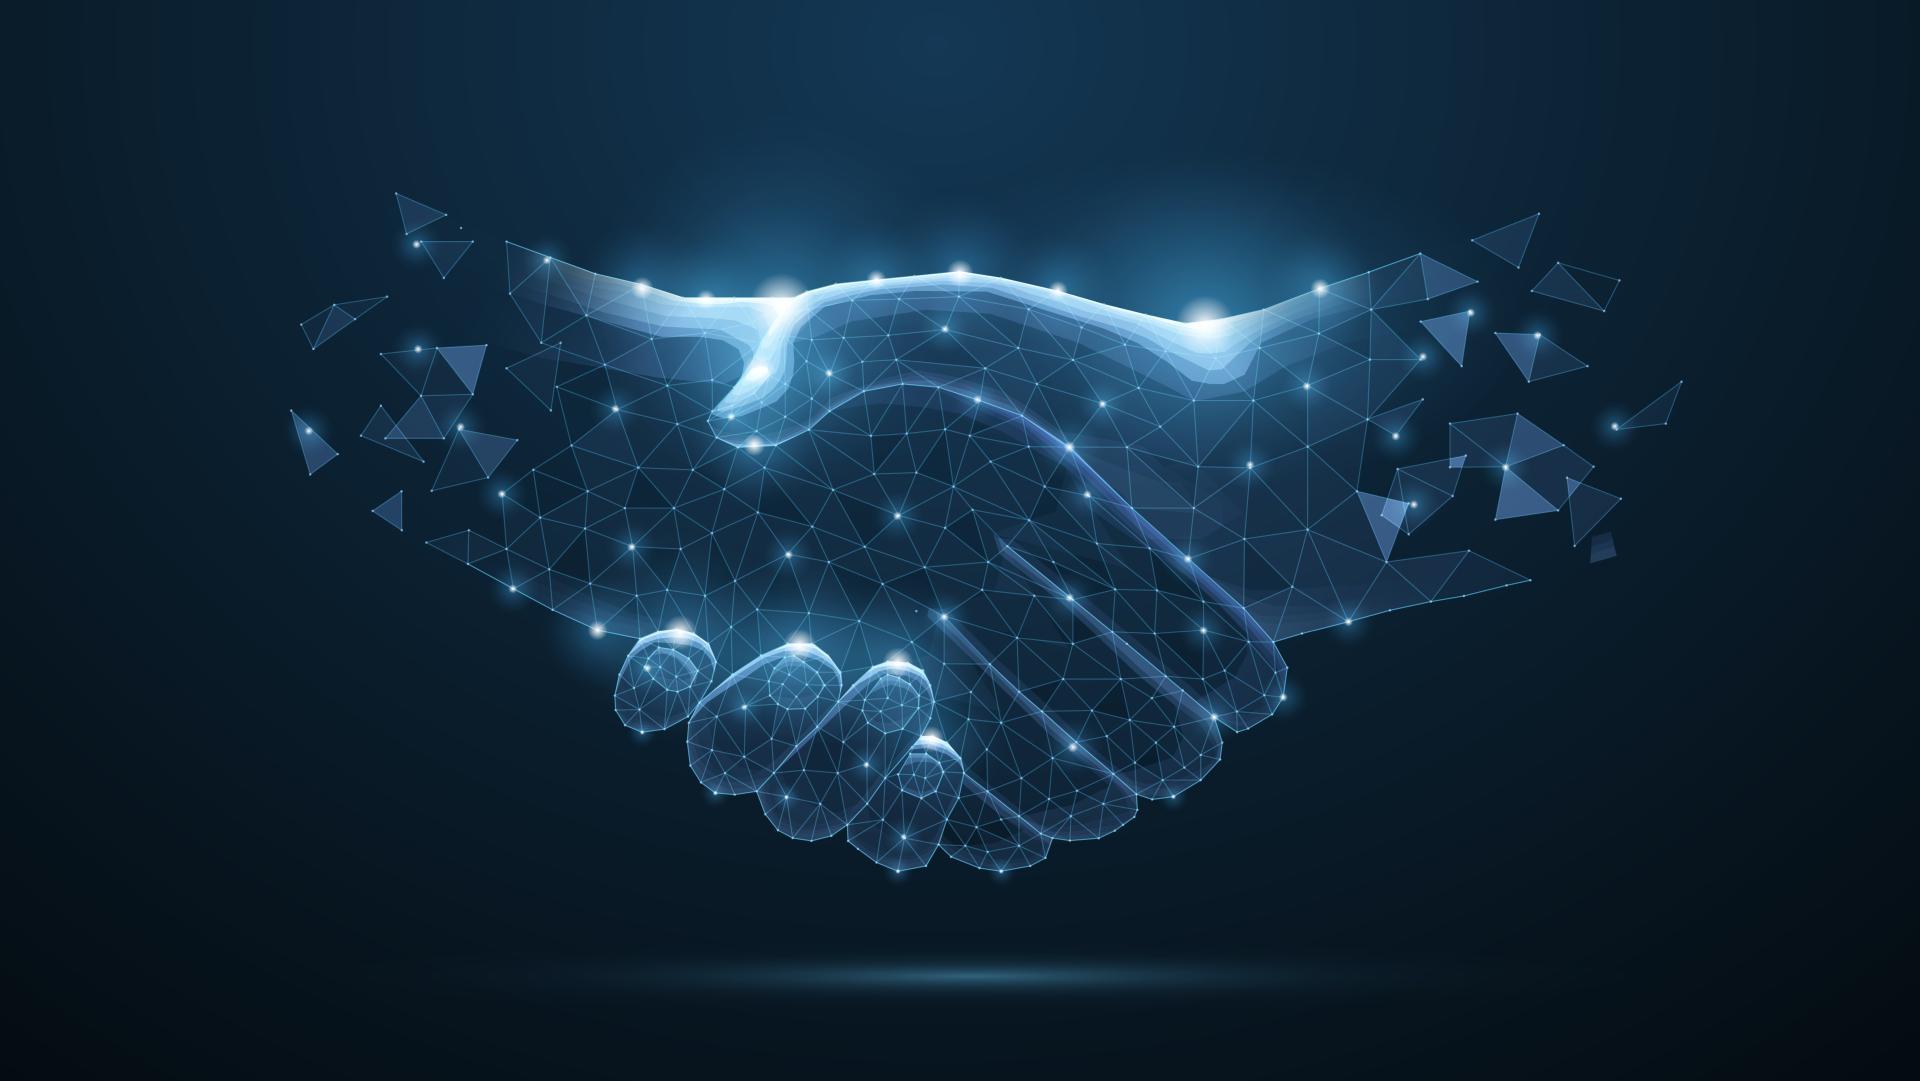 BYD und JLR sollen Zusammenarbeit für Zellfabrik in England planen